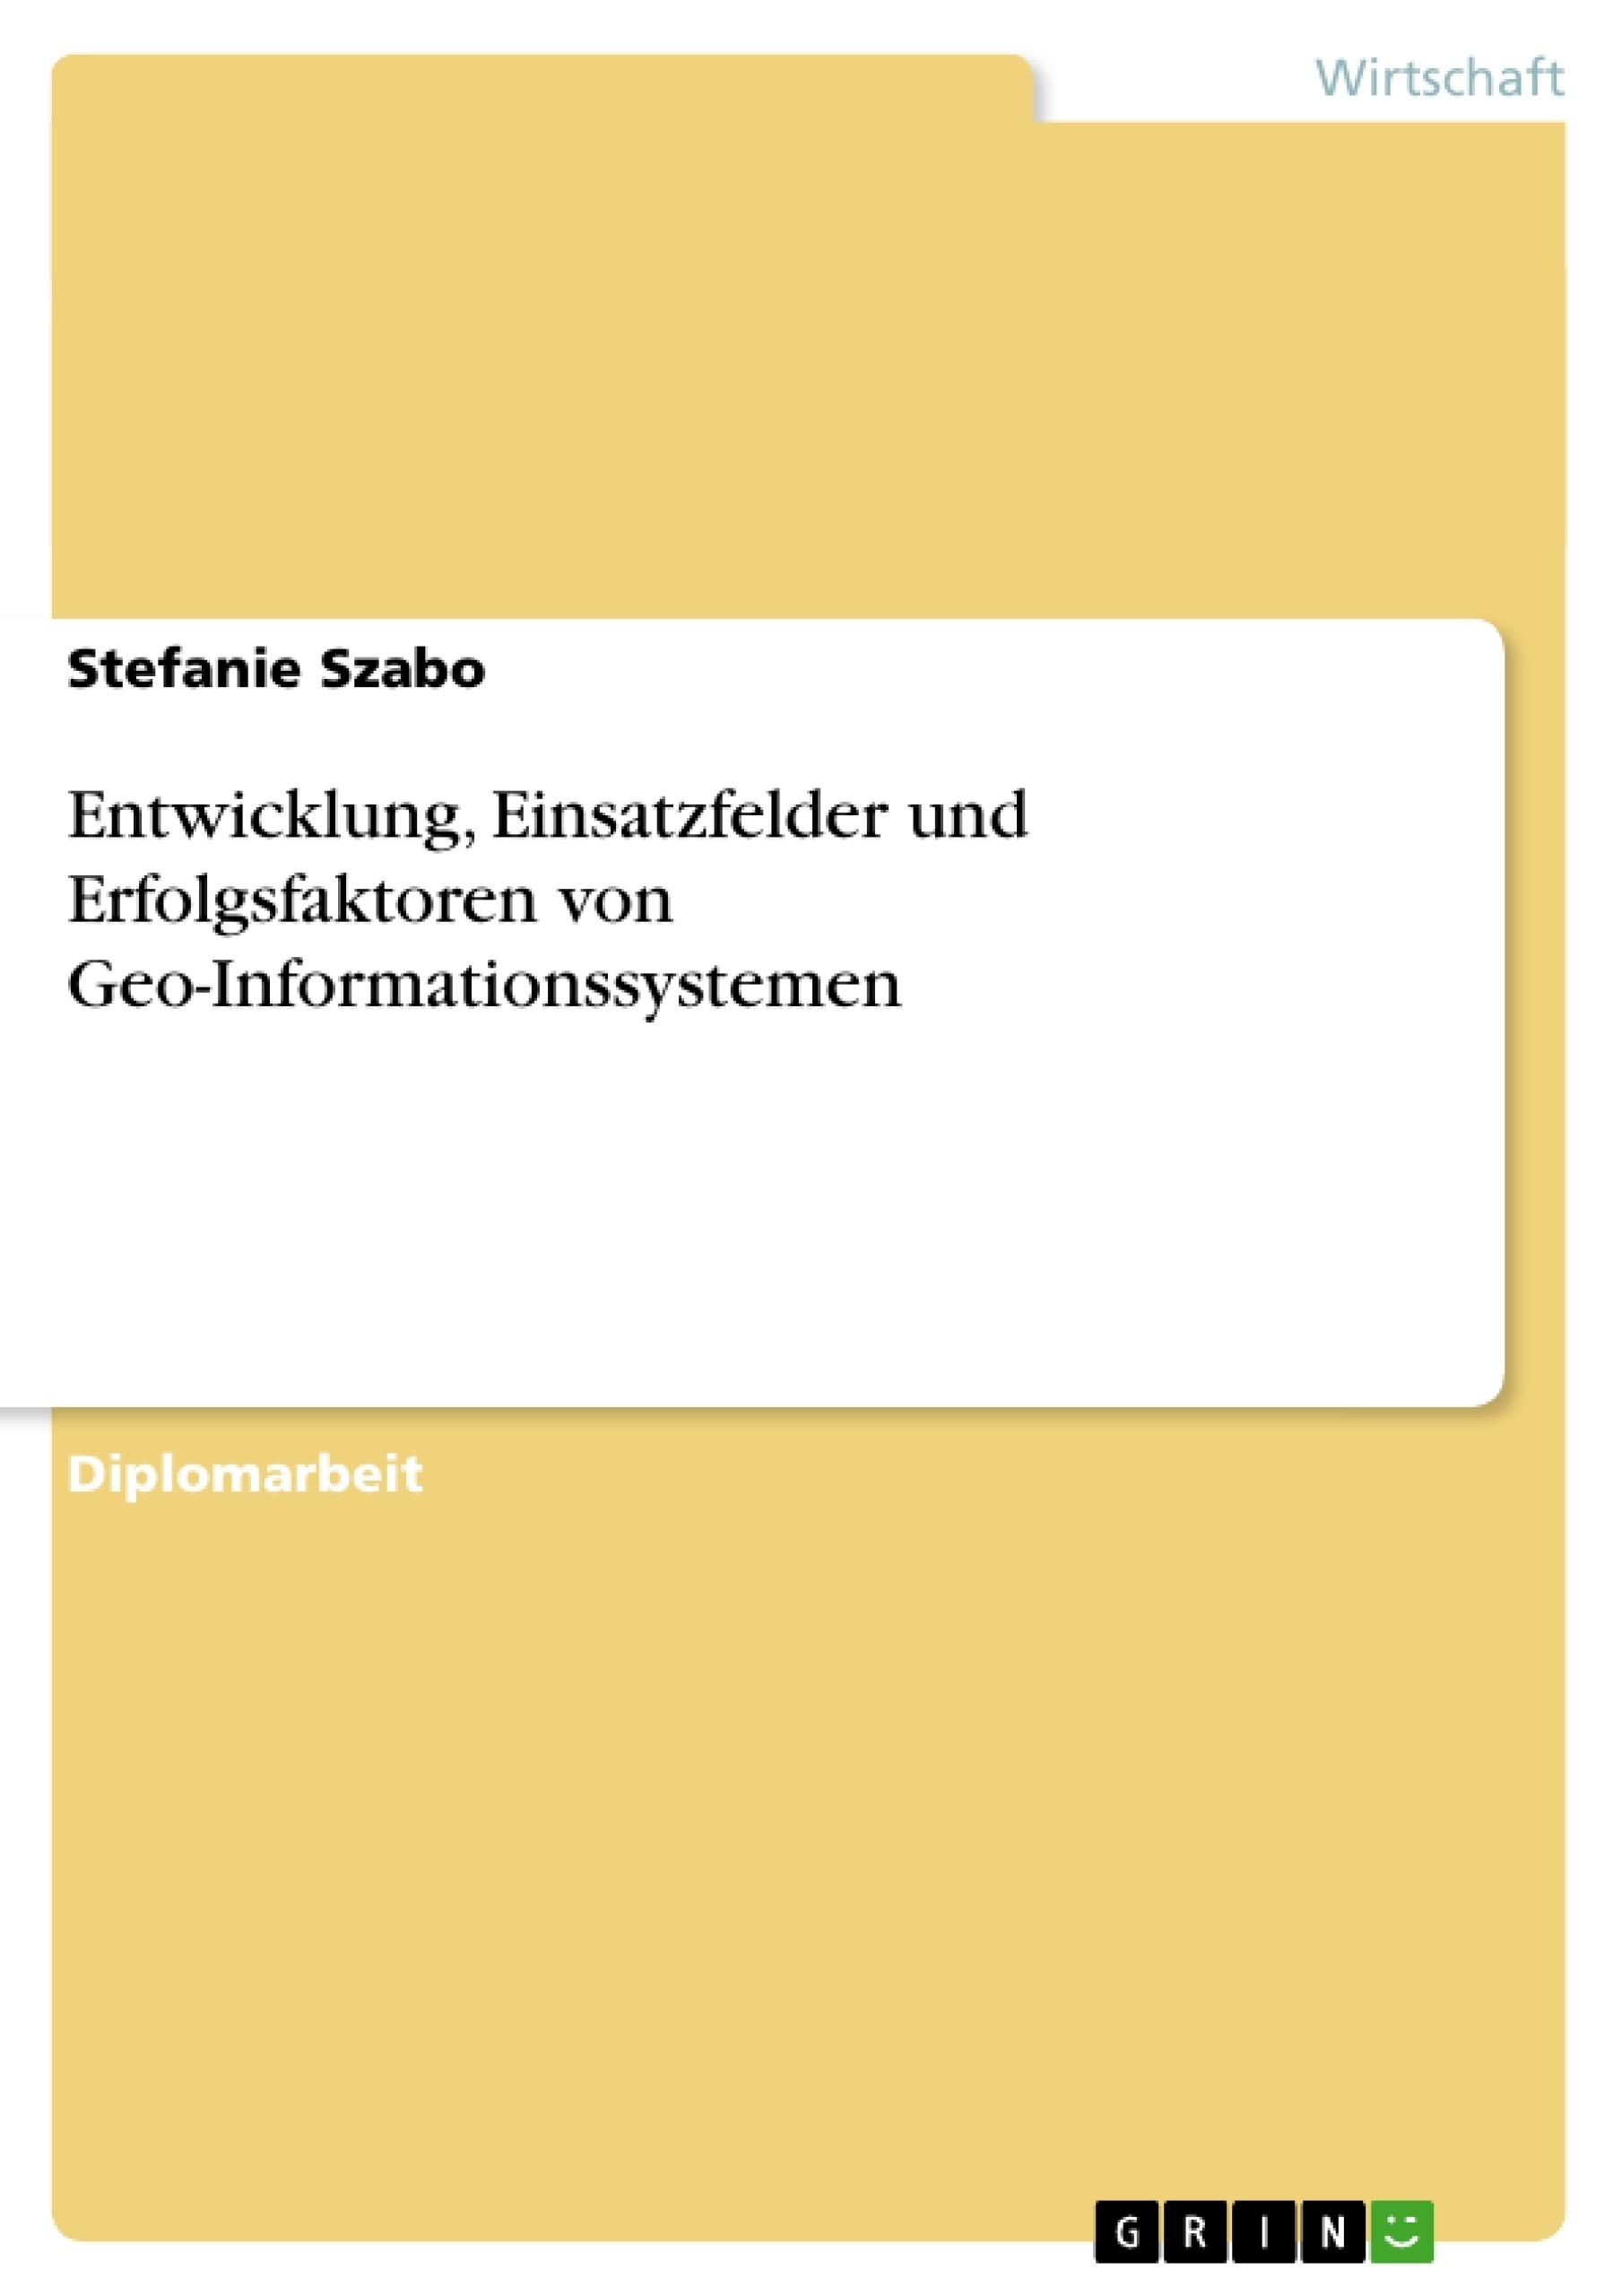 Titel: Entwicklung, Einsatzfelder und Erfolgsfaktoren von Geo-Informationssystemen